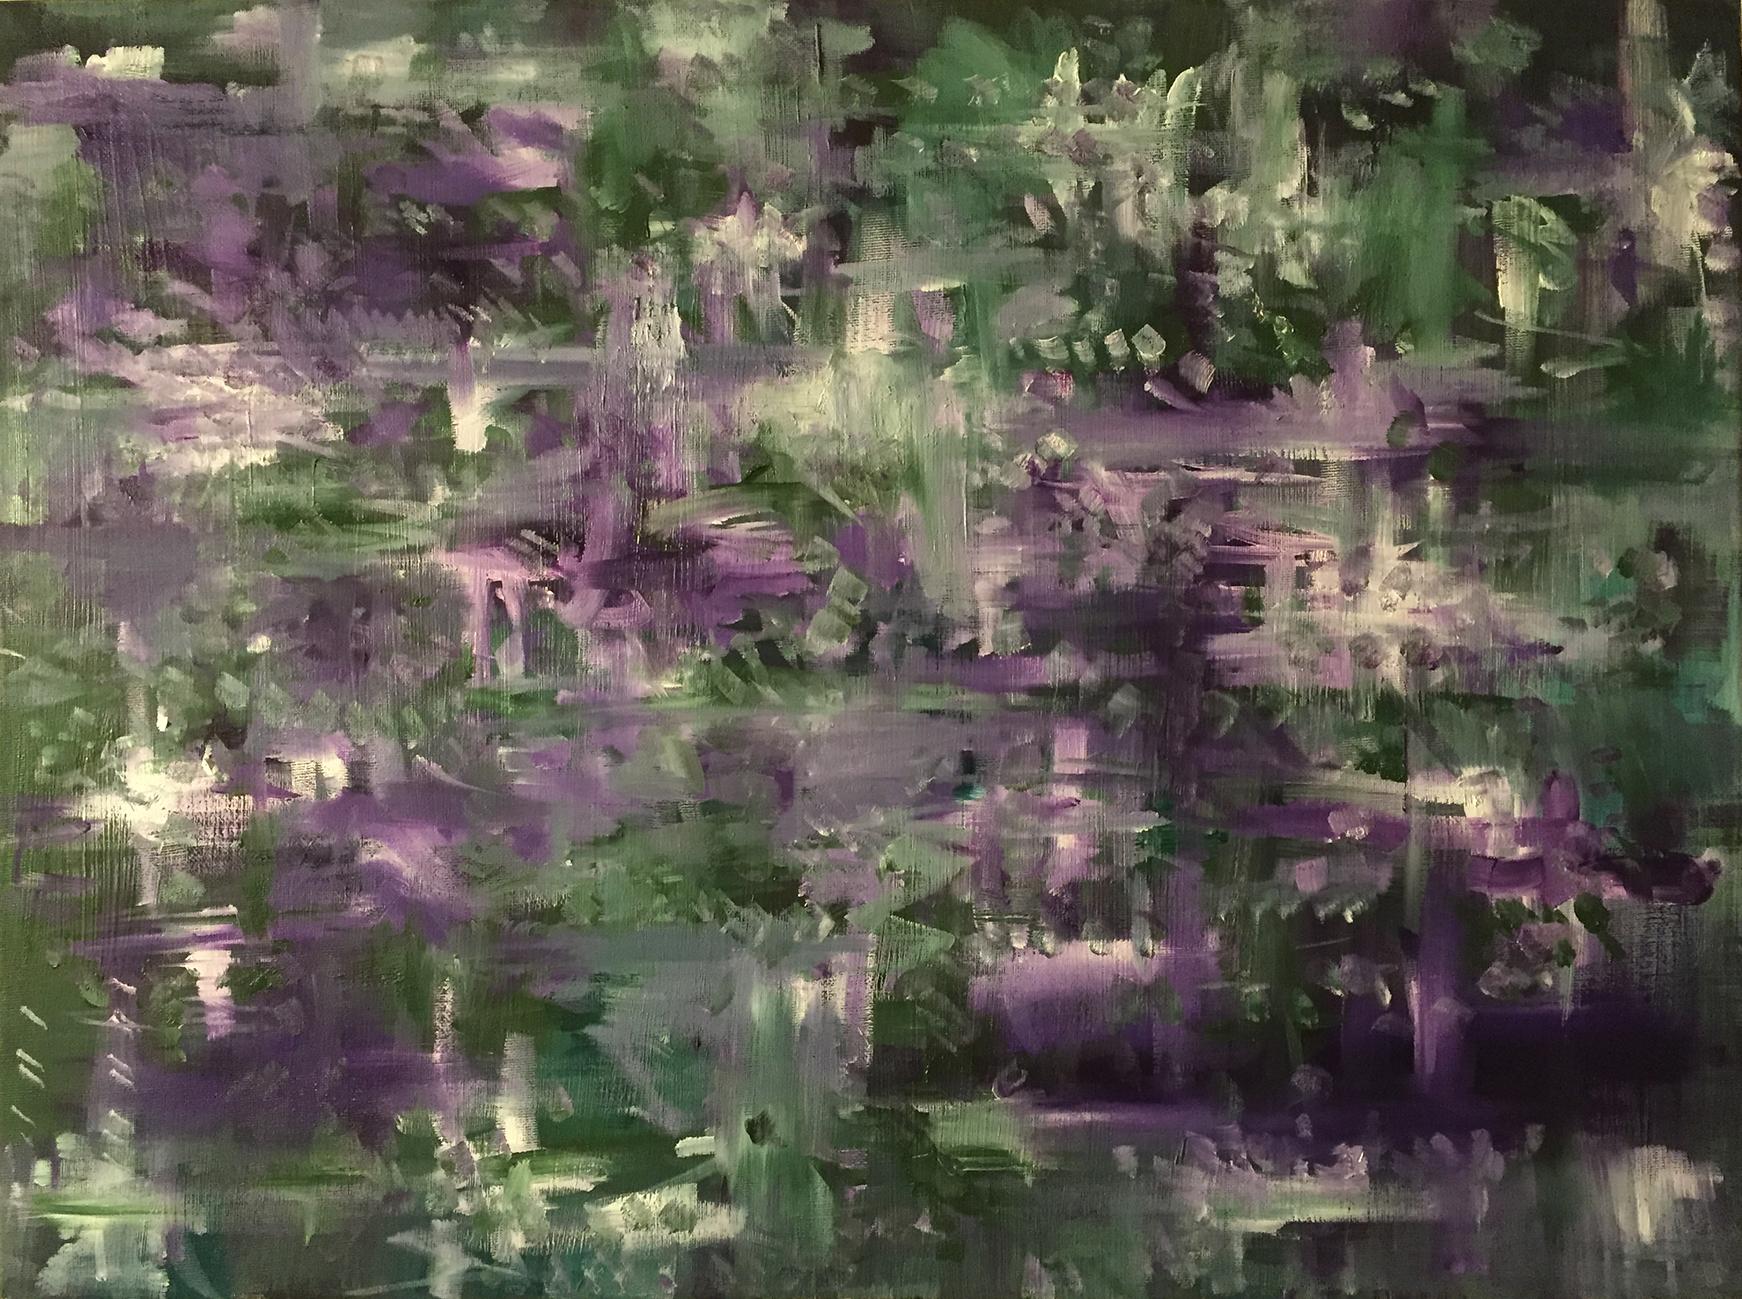 Purple Landscape.jpg